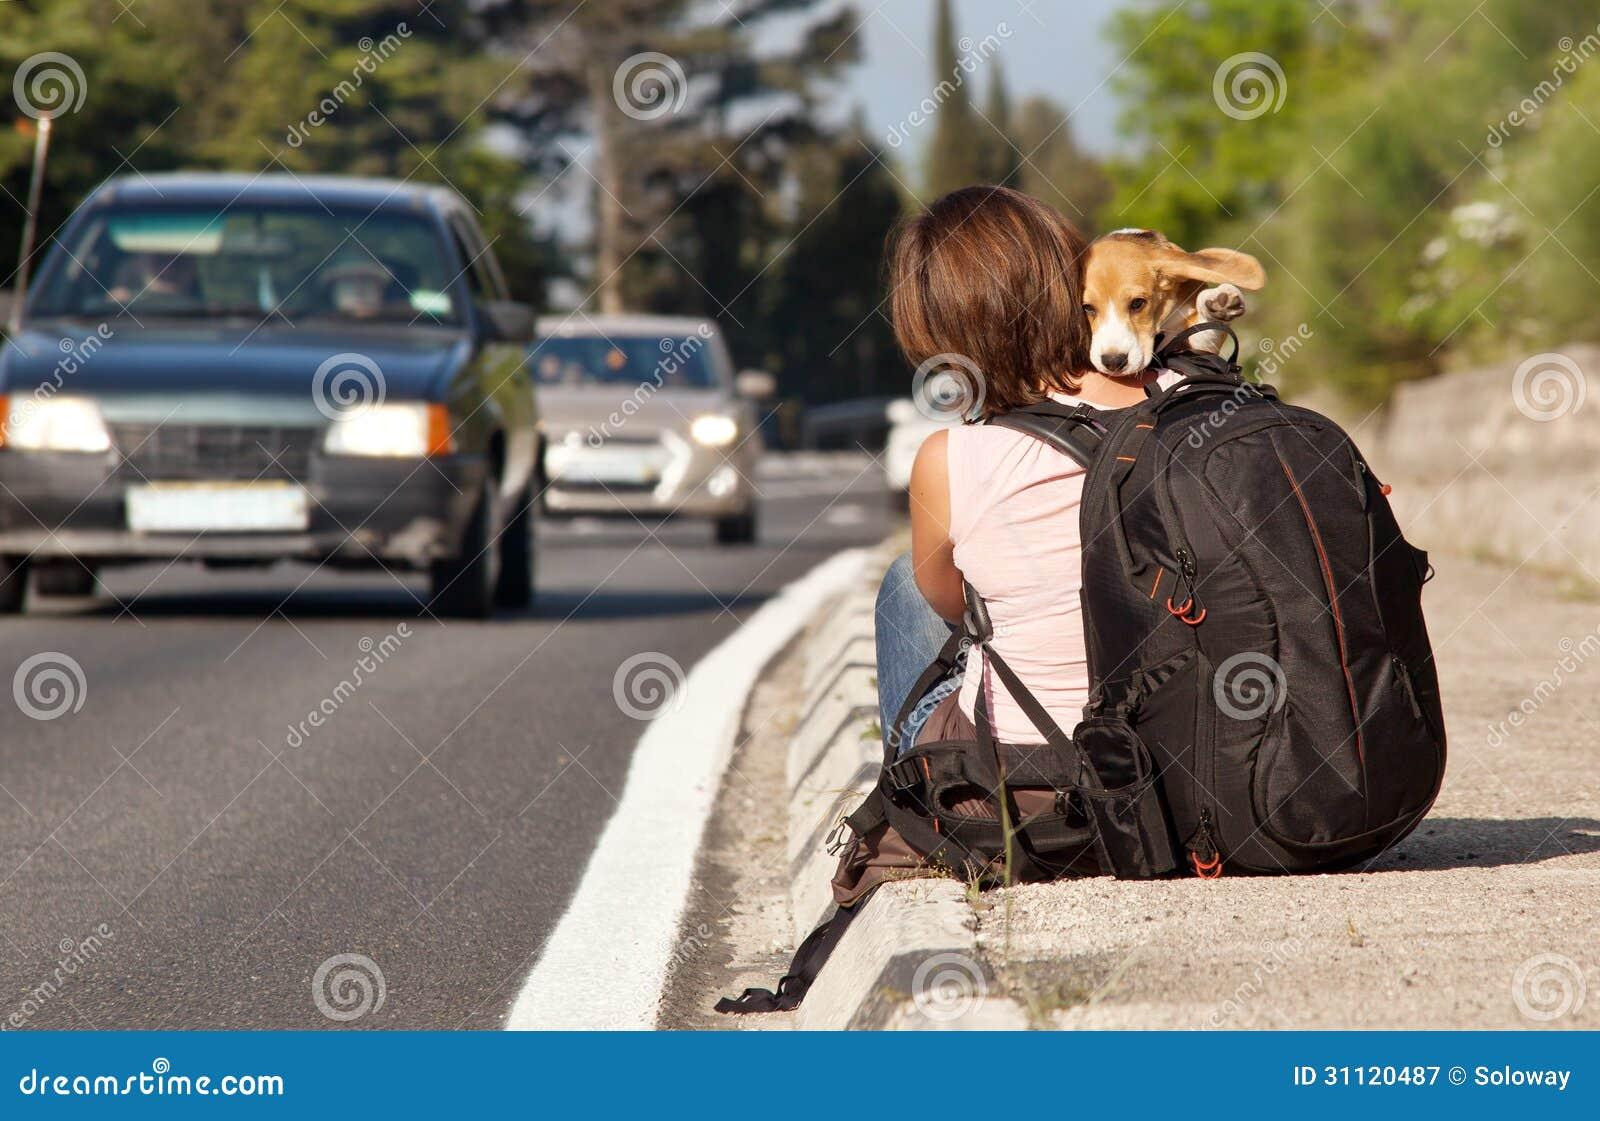 dog photo road - photo #47